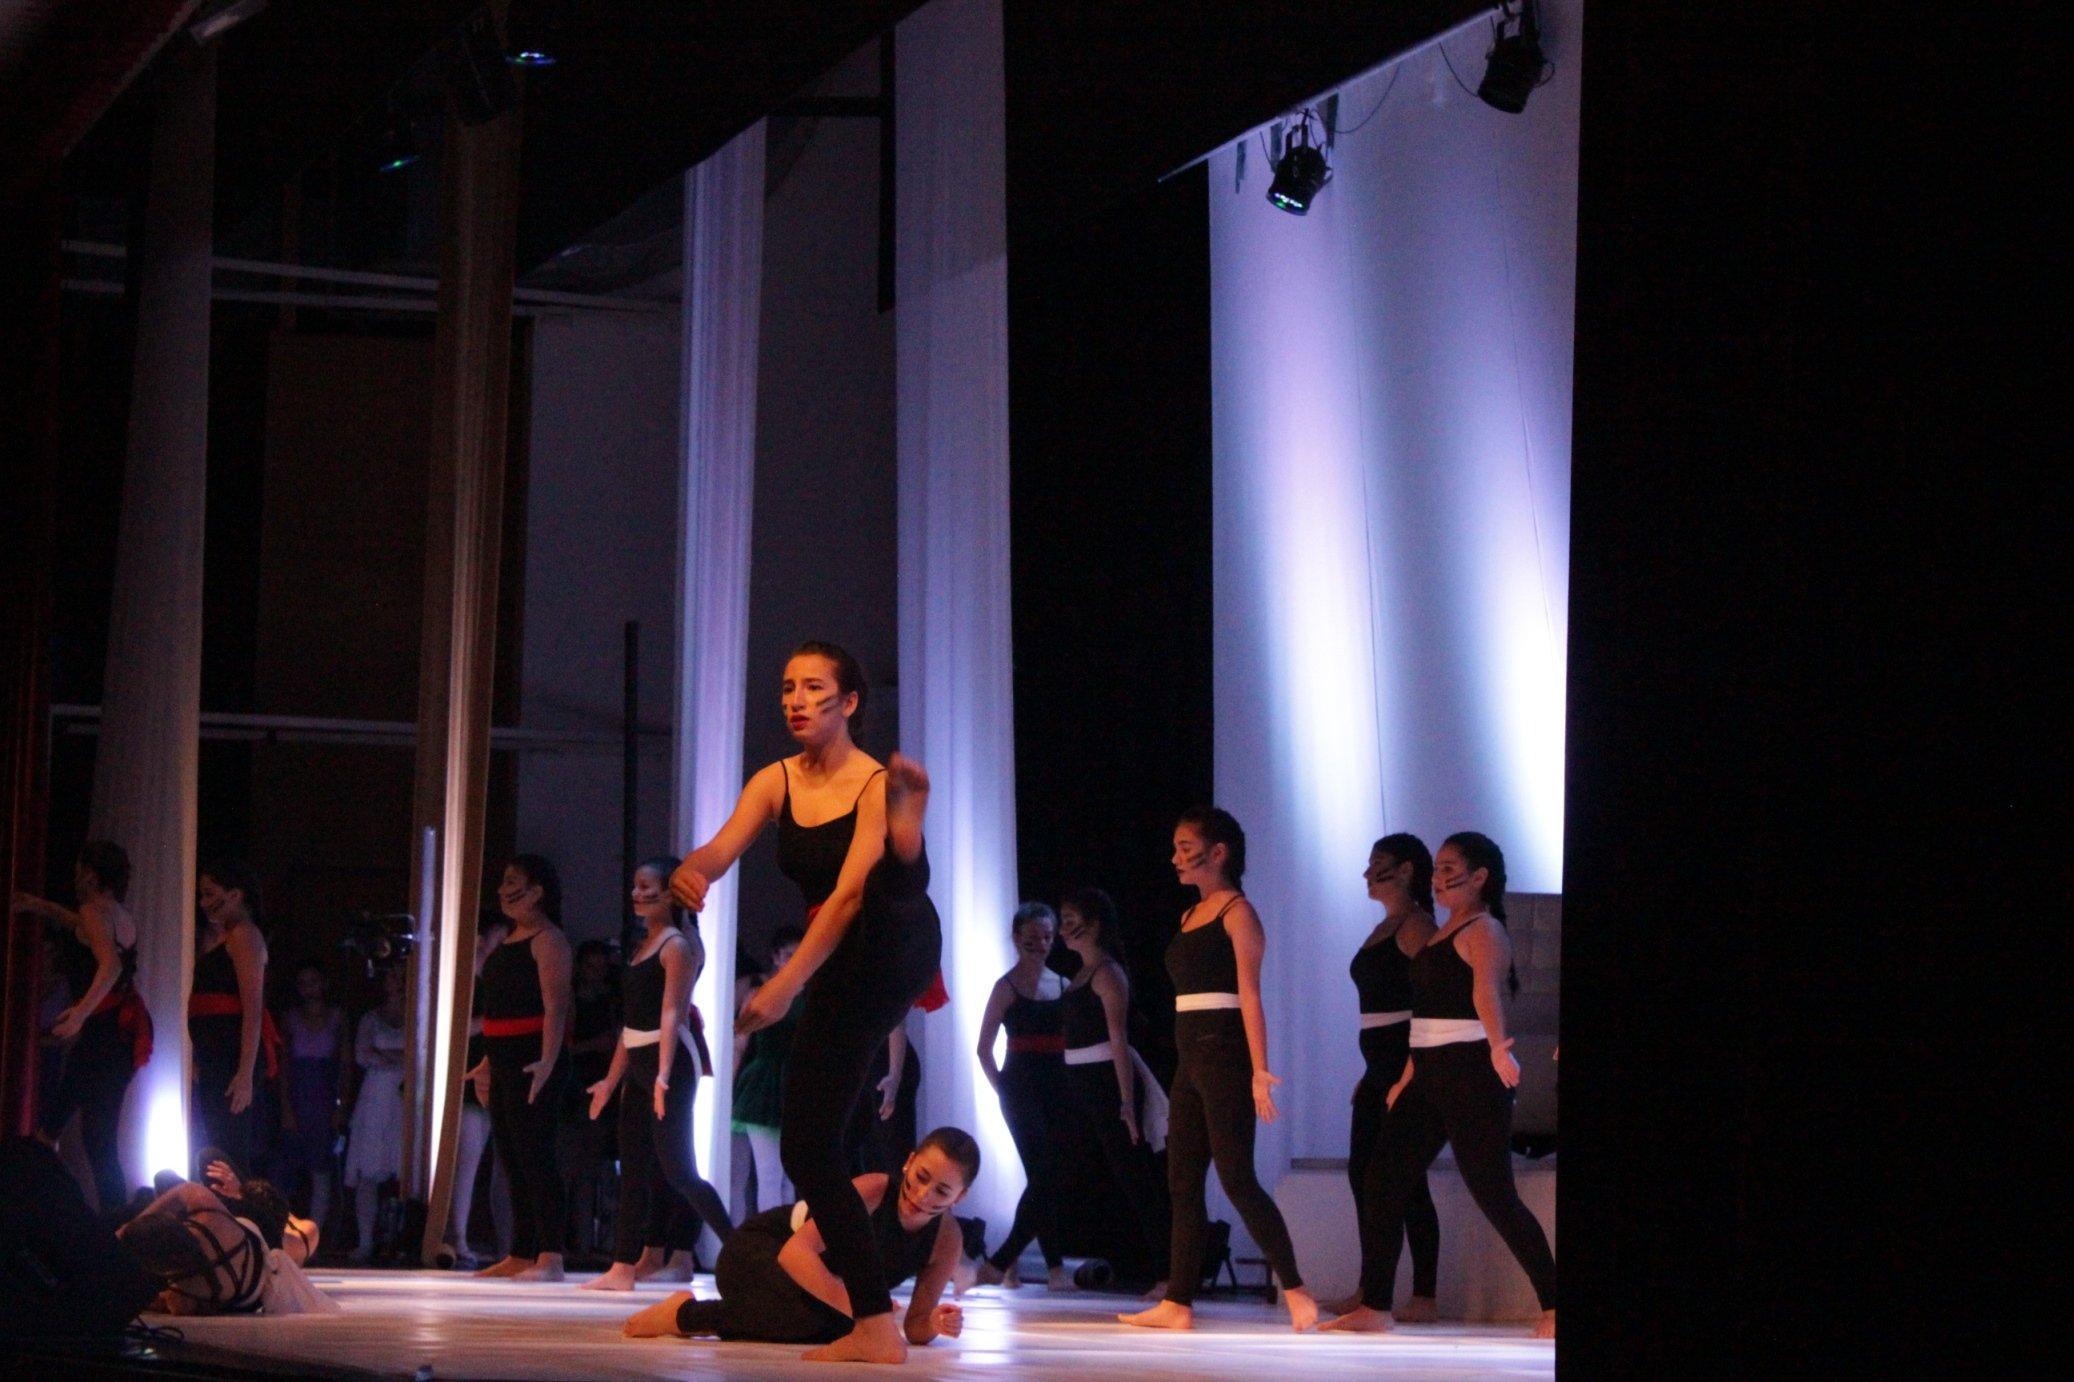 وداد عطا الله لـ بكرا: نرقص لنرفع المستوى الثقافي، وليس فقط للرقص